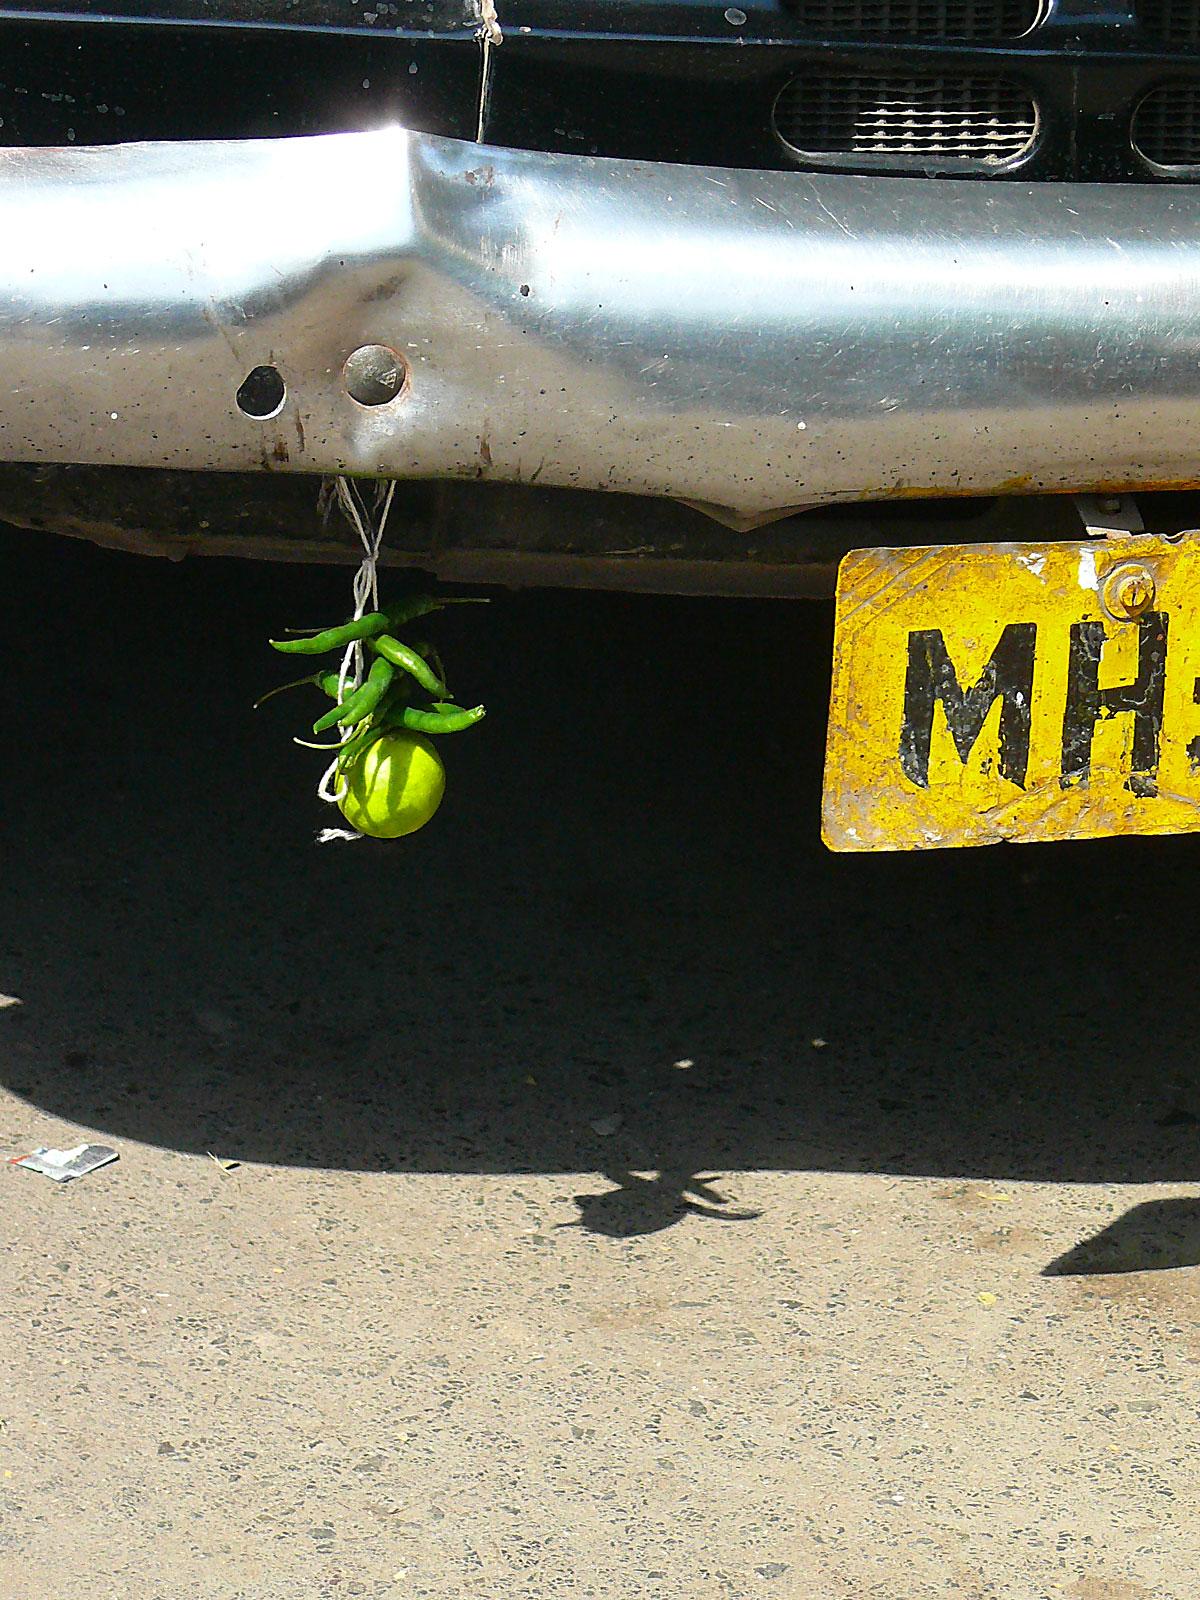 INDIEN MUMBAI Menschen Wohnen FINEST-onTour P1030471.jpg